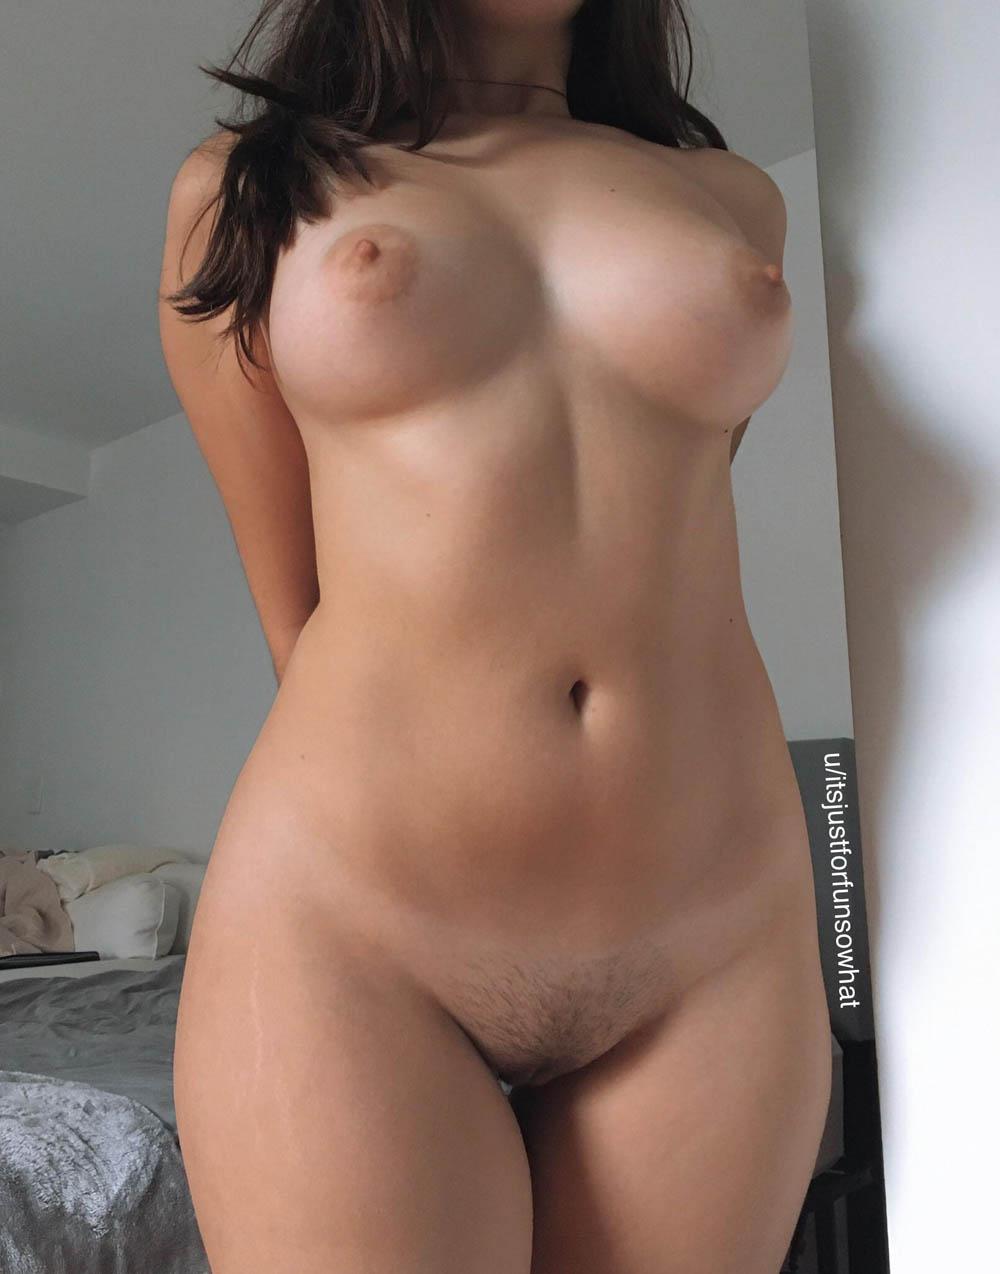 Fotos Porno Com Novinha Gostosa (5)